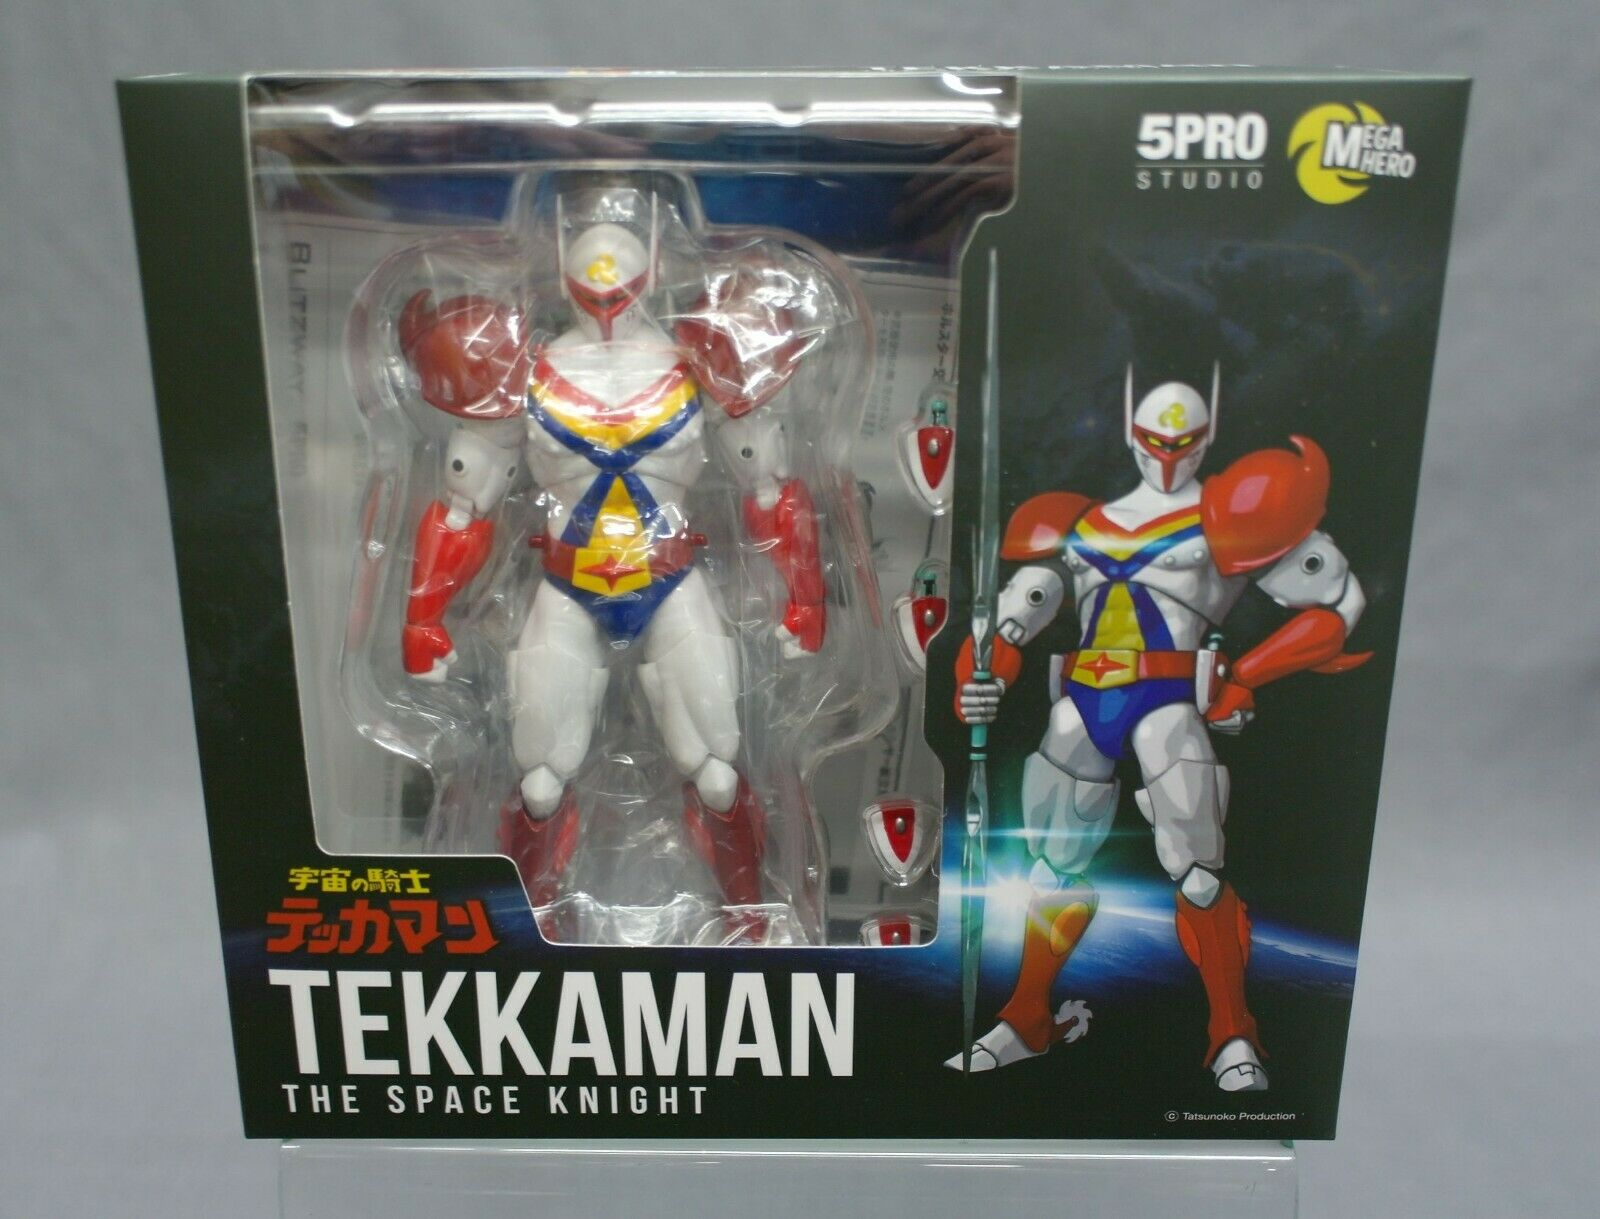 MEGA HERO Tekkauomo  The spazio Knight Tekkauomo 1 12 5PRO STUDIO Japan nuovo  garanzia di qualità